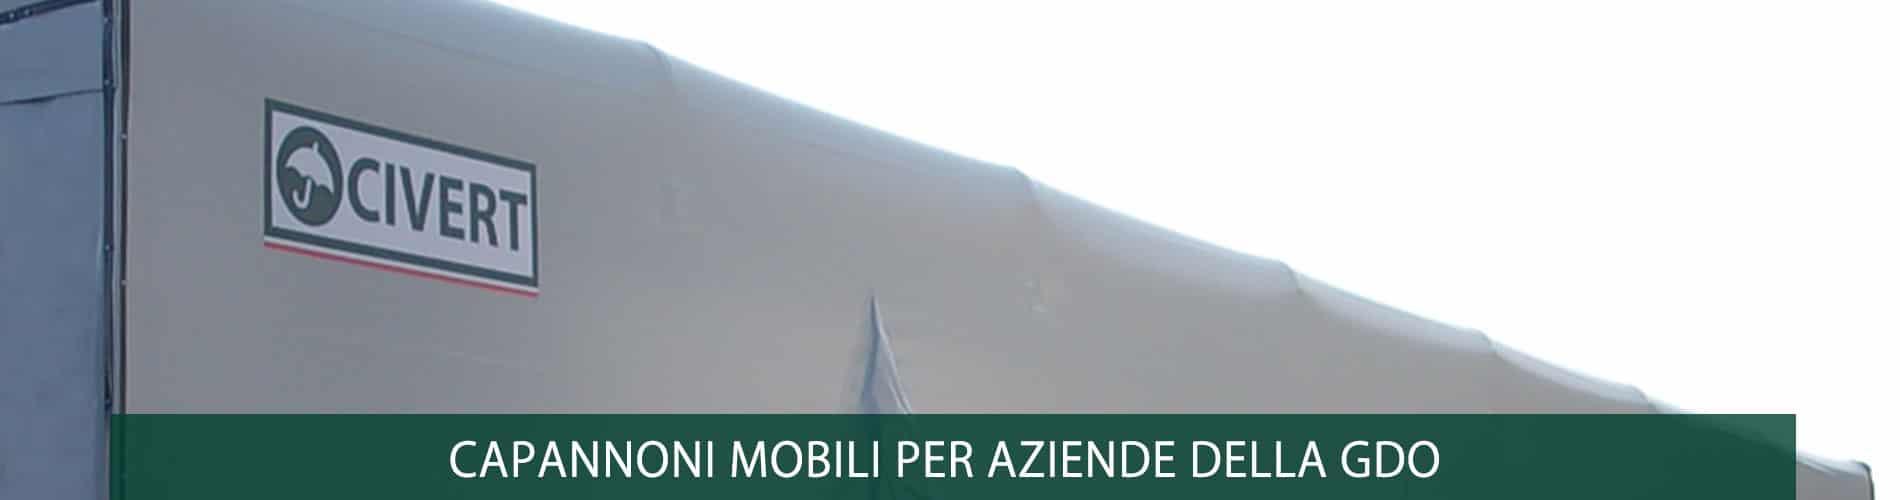 aziende GDO capannoni mobili